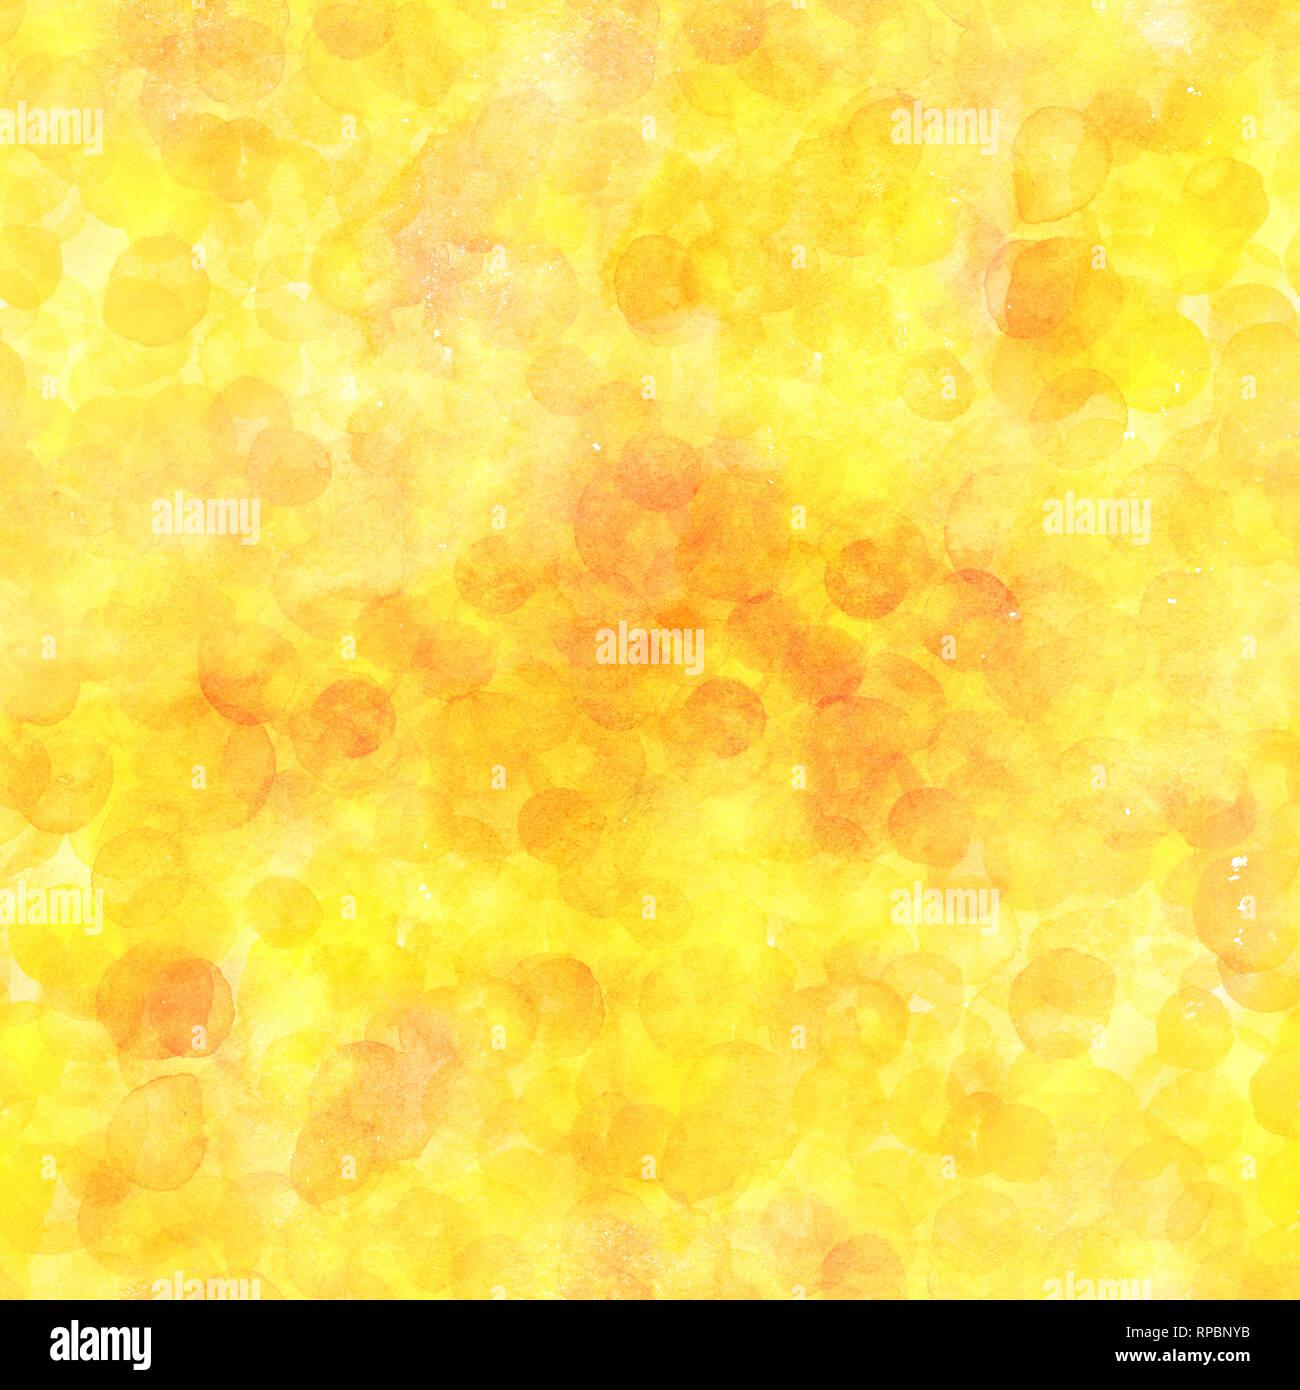 Un modèle d'aquarelle jaune points. Une impression de répétition à la main, d'un abstract background Banque D'Images